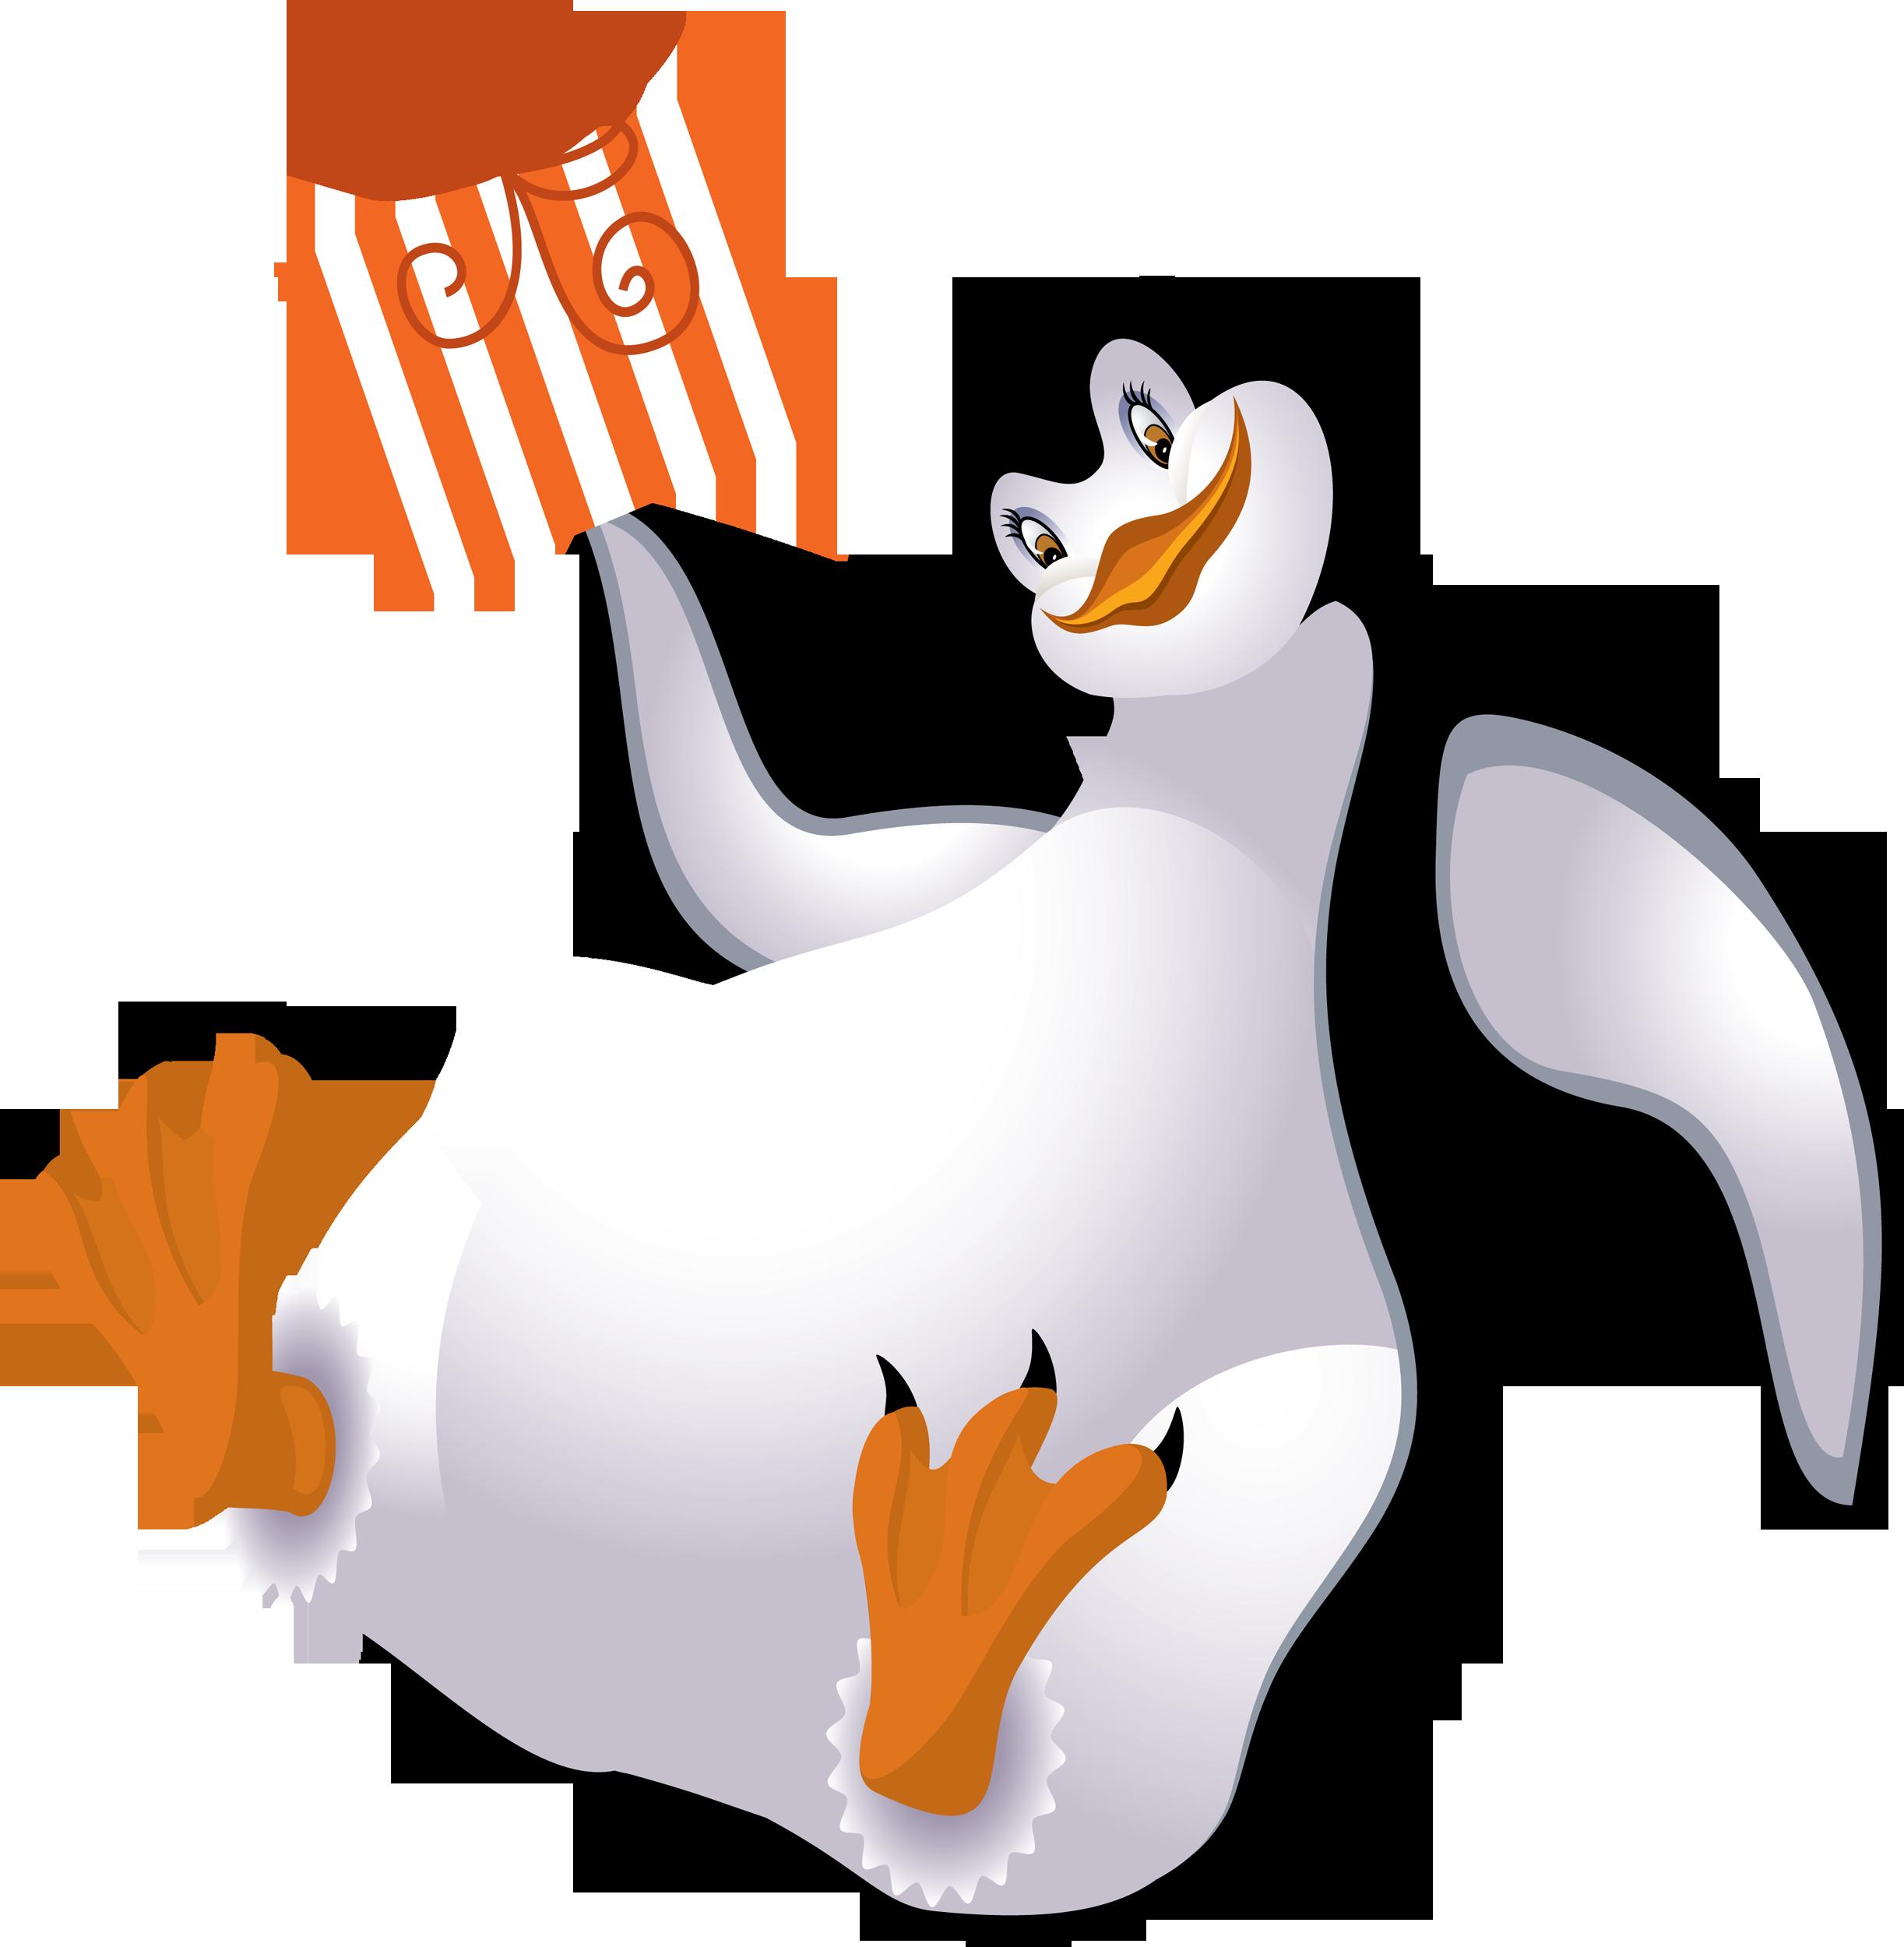 жизни смешные картинки пингвина рисунок пусть